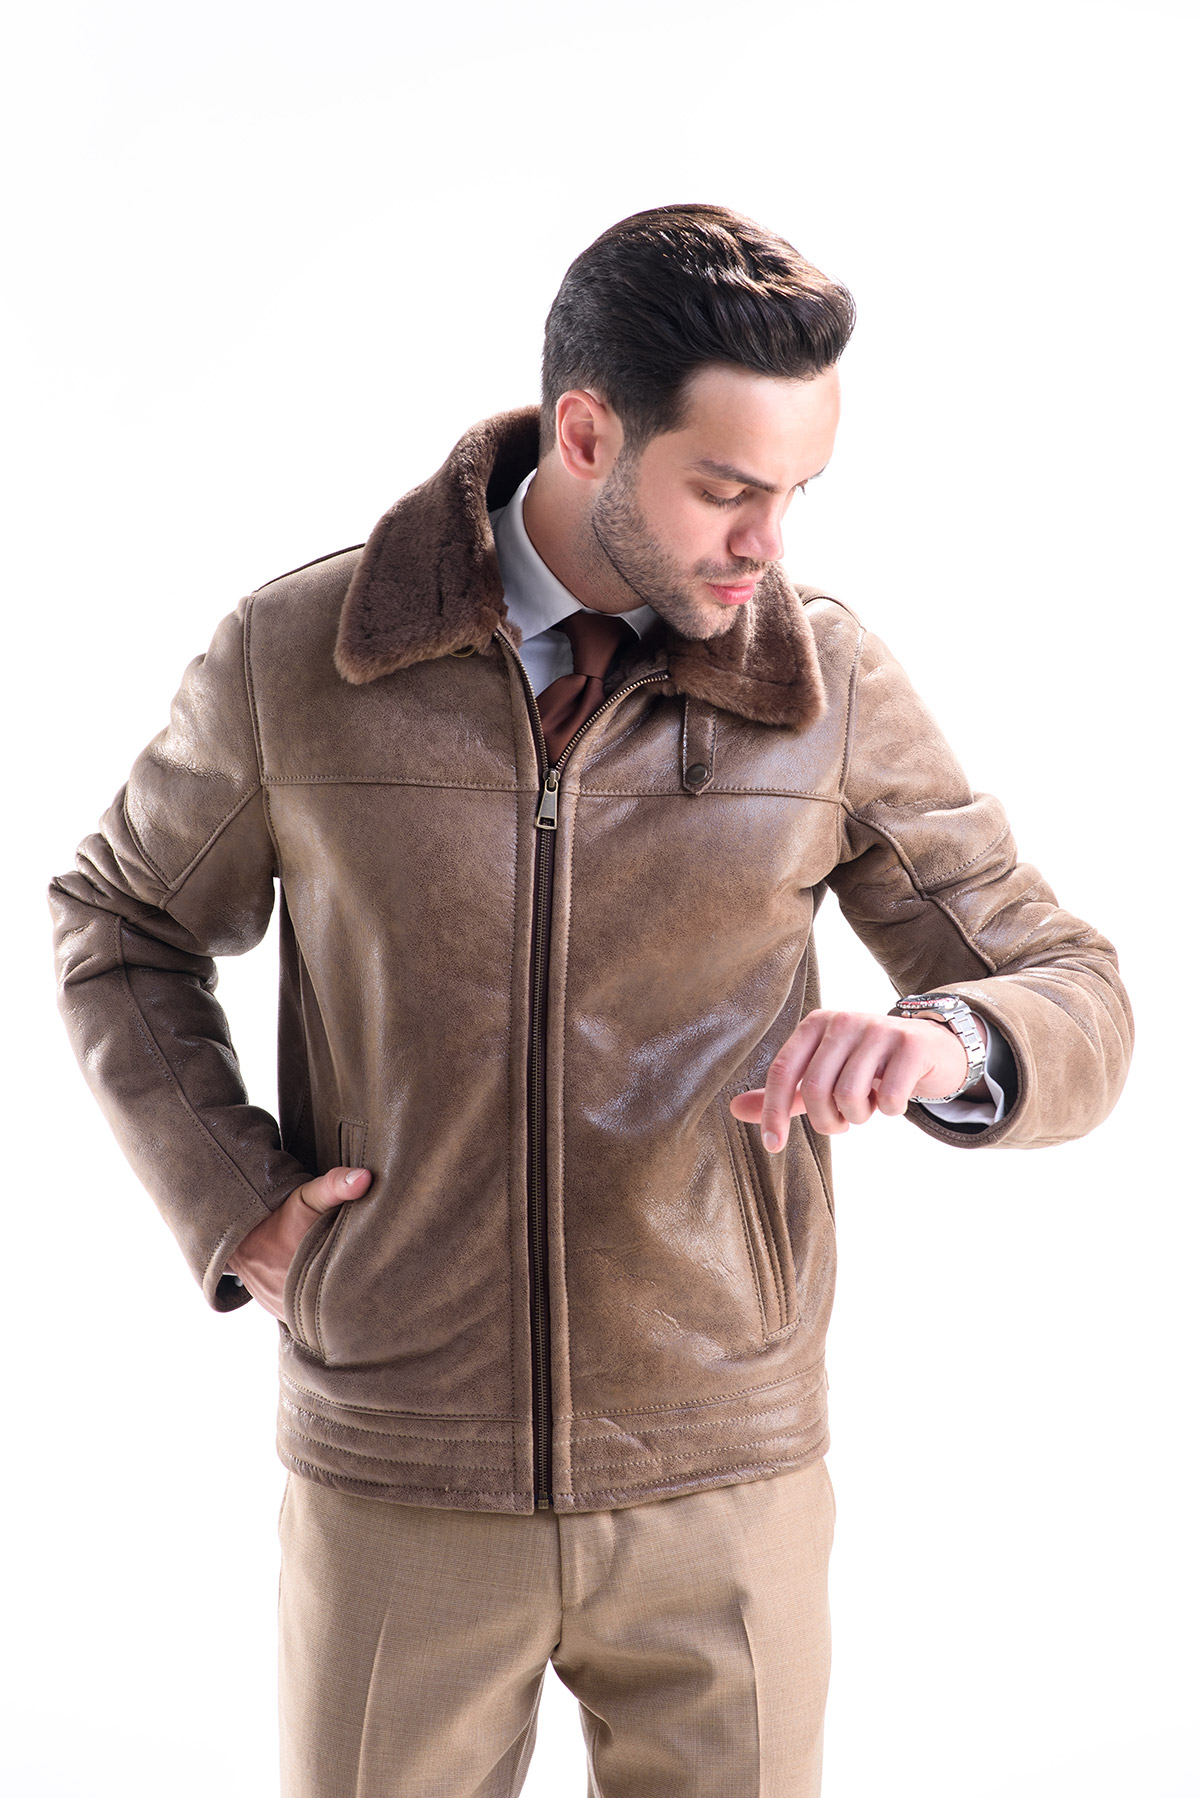 Geci dama si jachete barbati pentru intreaga familie. Glittio are veste, jachete si geci pentru toata familia ta. Cumpara simplu si rapid de pe Glittio cele mai frumoase geci de toamna si iarna pentru sotul sau sotia ta si pentru copiii tai.